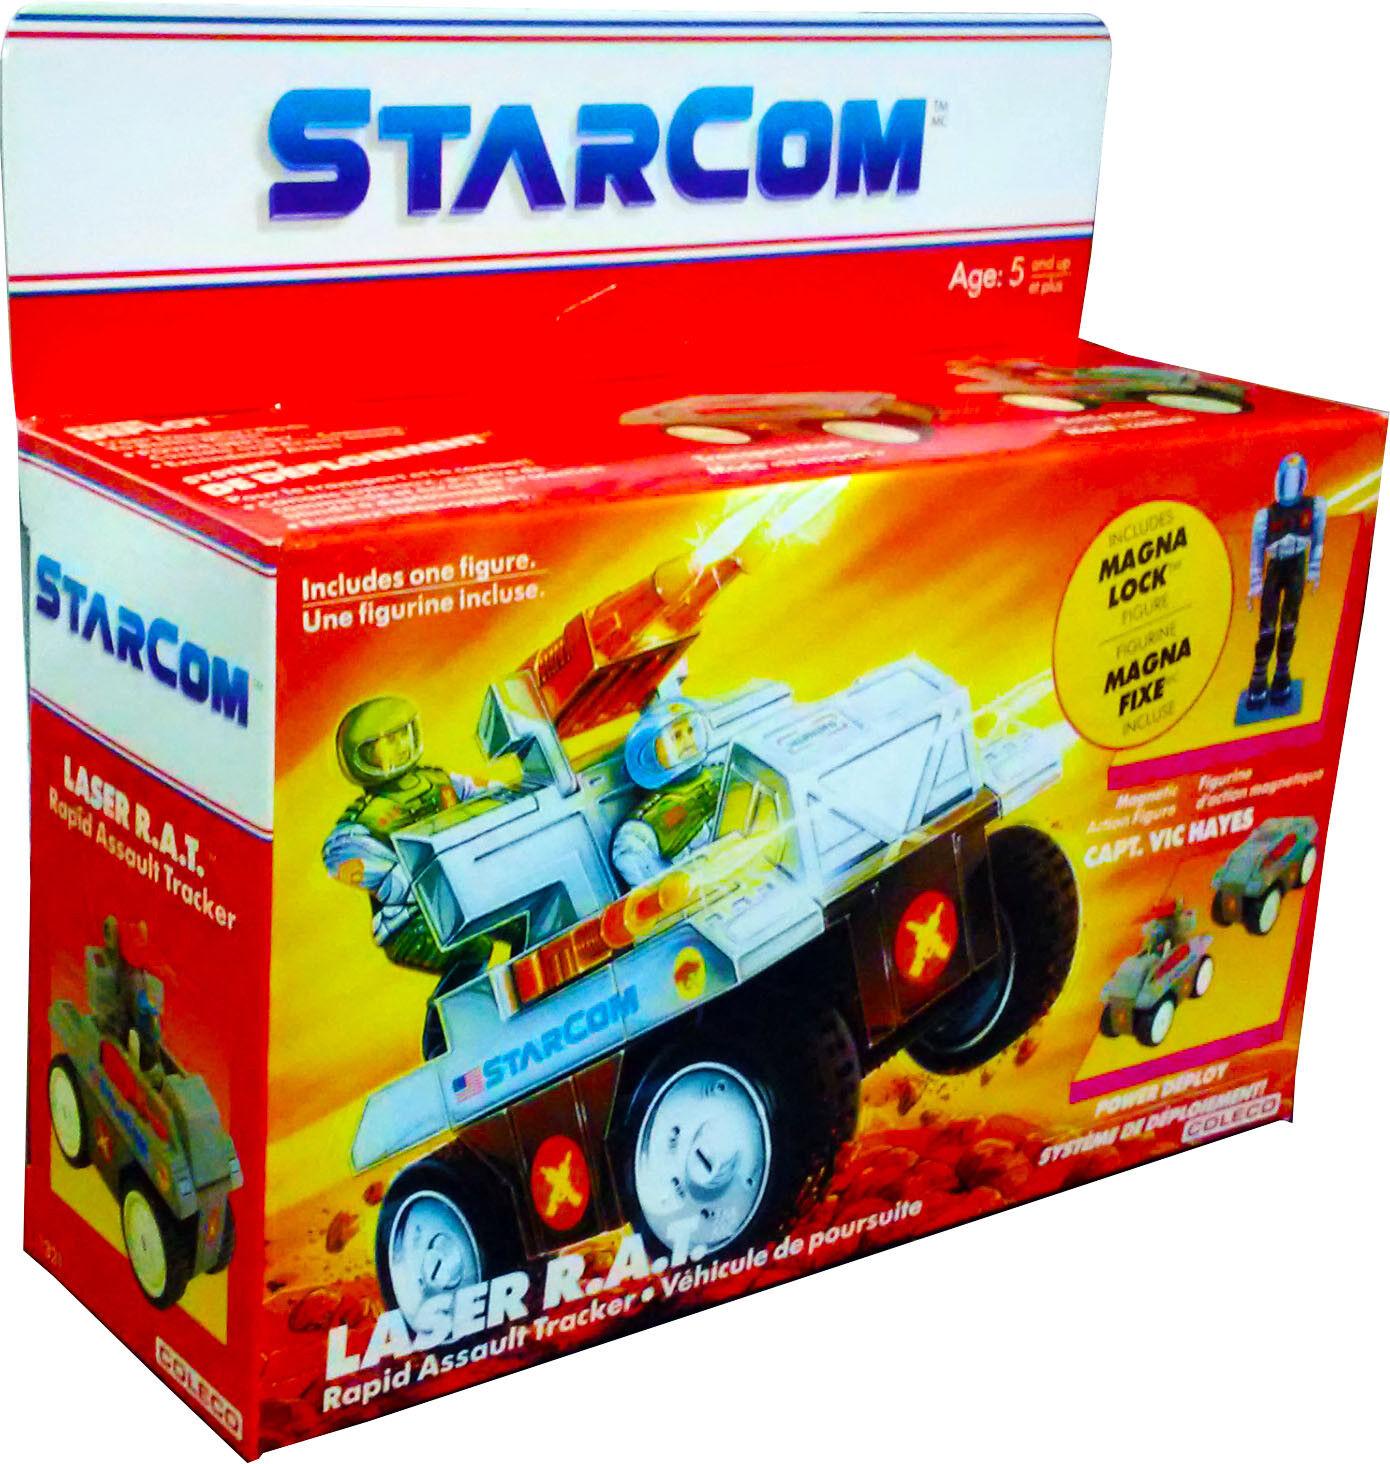 StarCom láser R.A.T. ™ asalto Rastreador para Vehículos-Vintage 1986-como Nuevo En Caja Sellada Nuevo  figura De Acción autoridad él